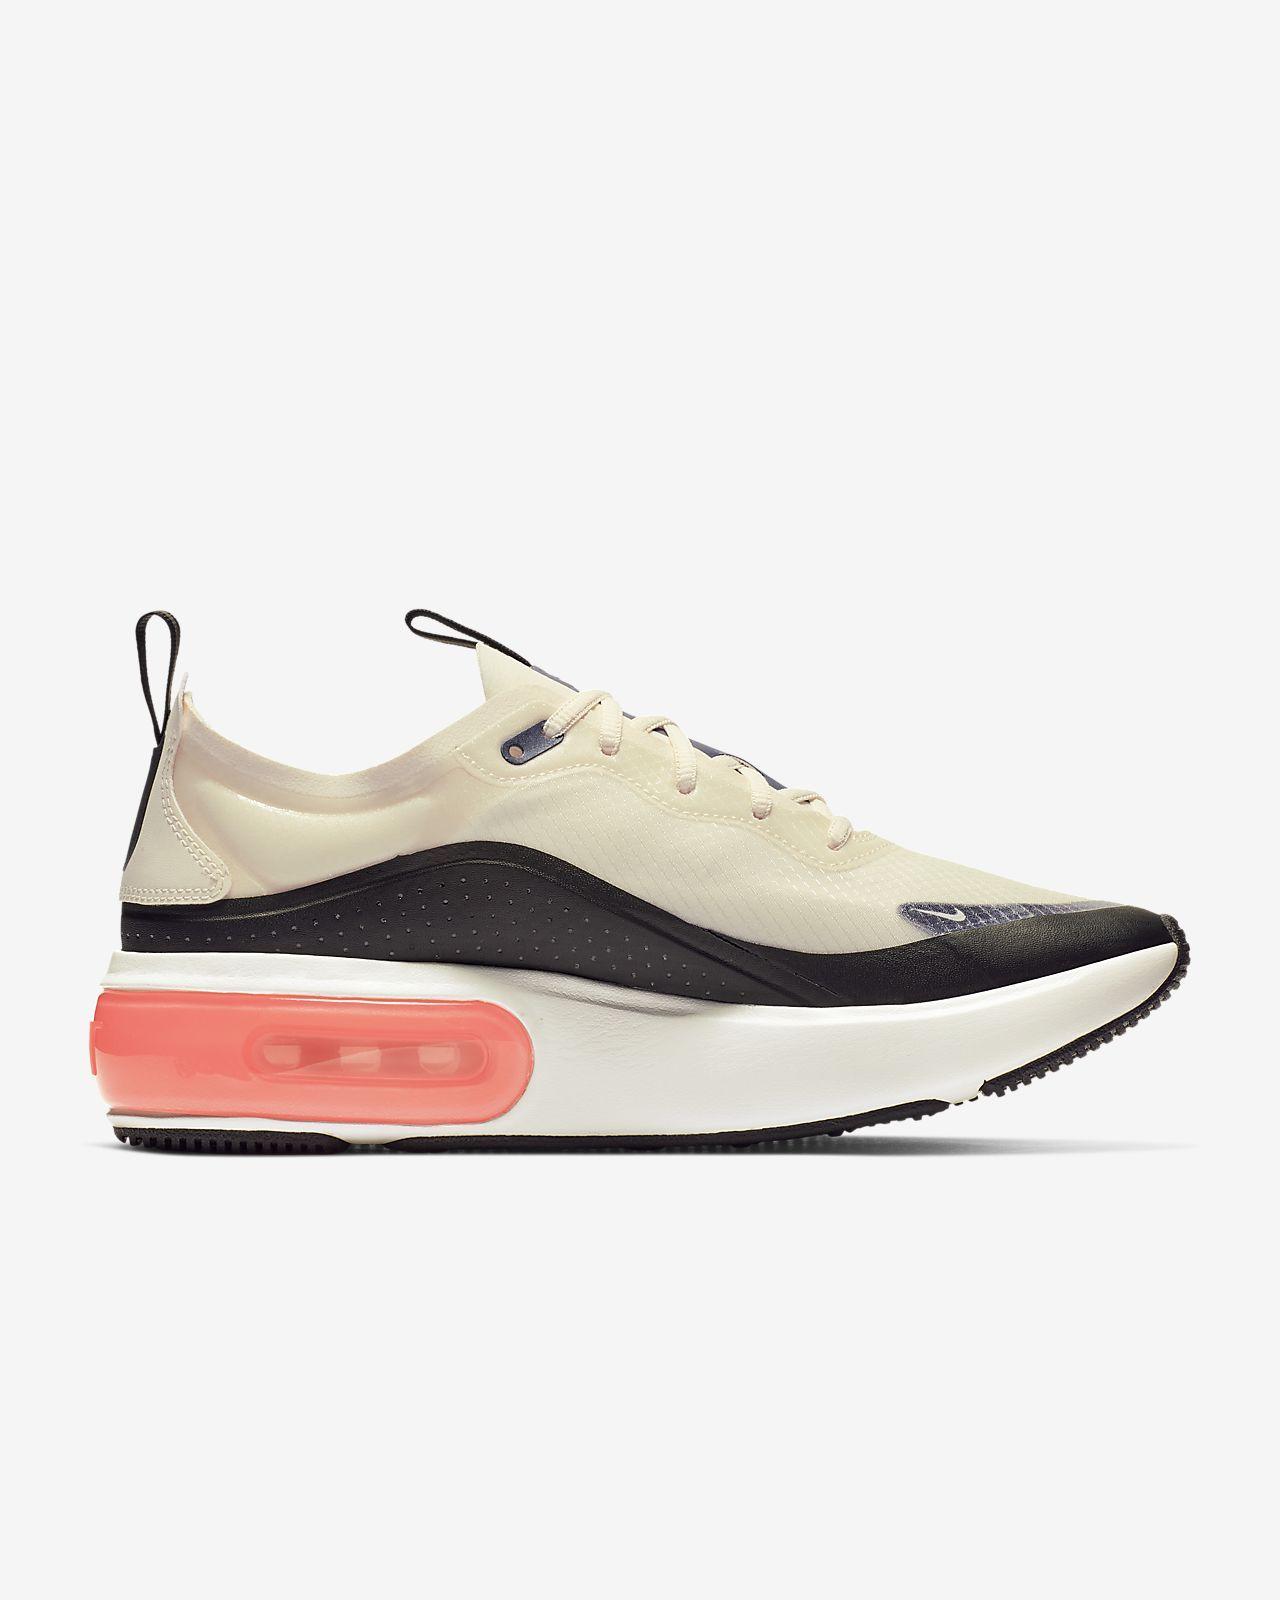 4e5bed4873be4 Calzado para mujer Nike Air Max Dia SE